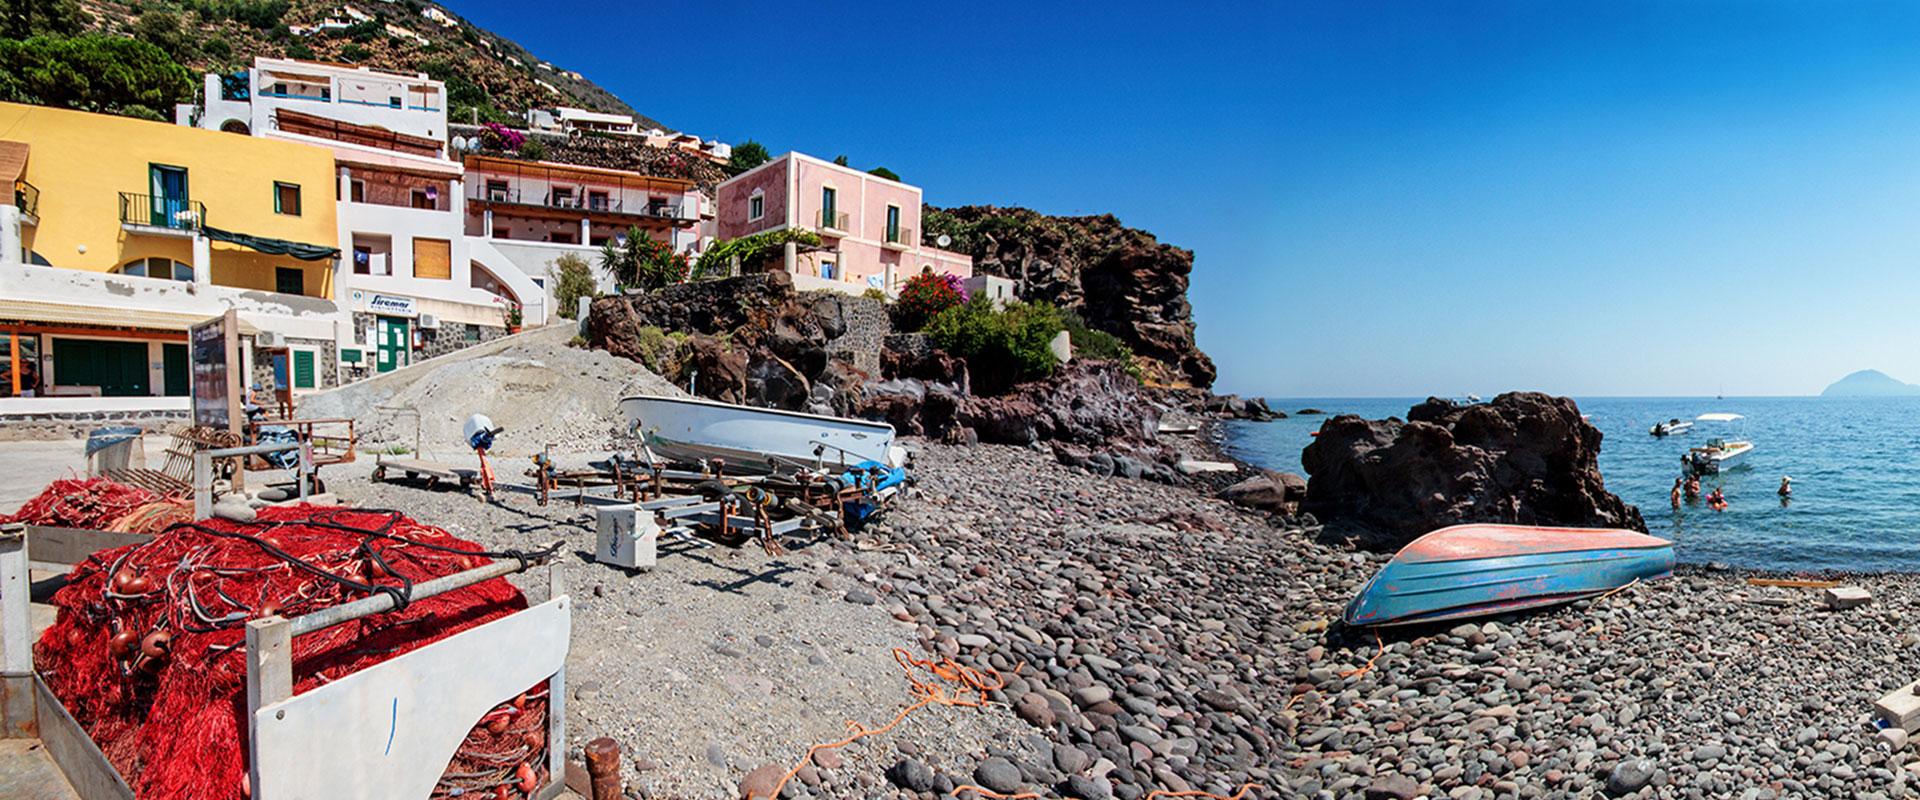 Casa sul mare Alicudi